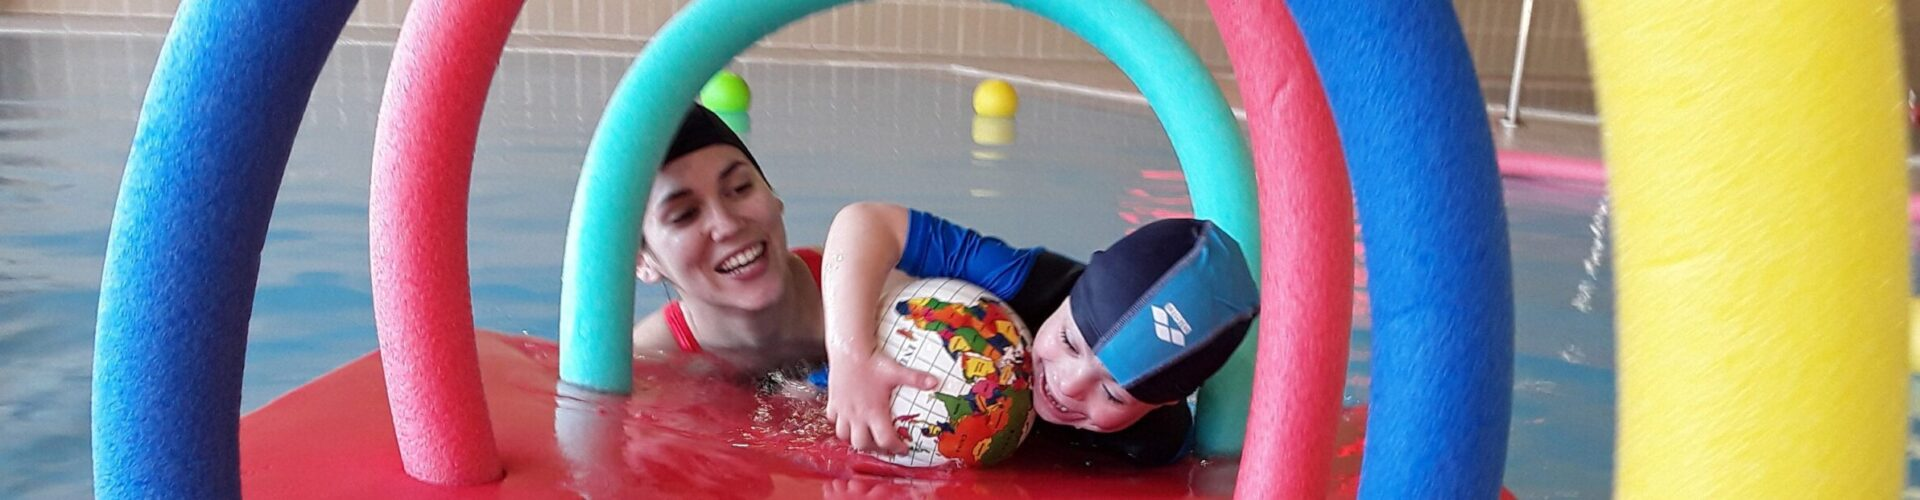 piscina1-e1529409342996